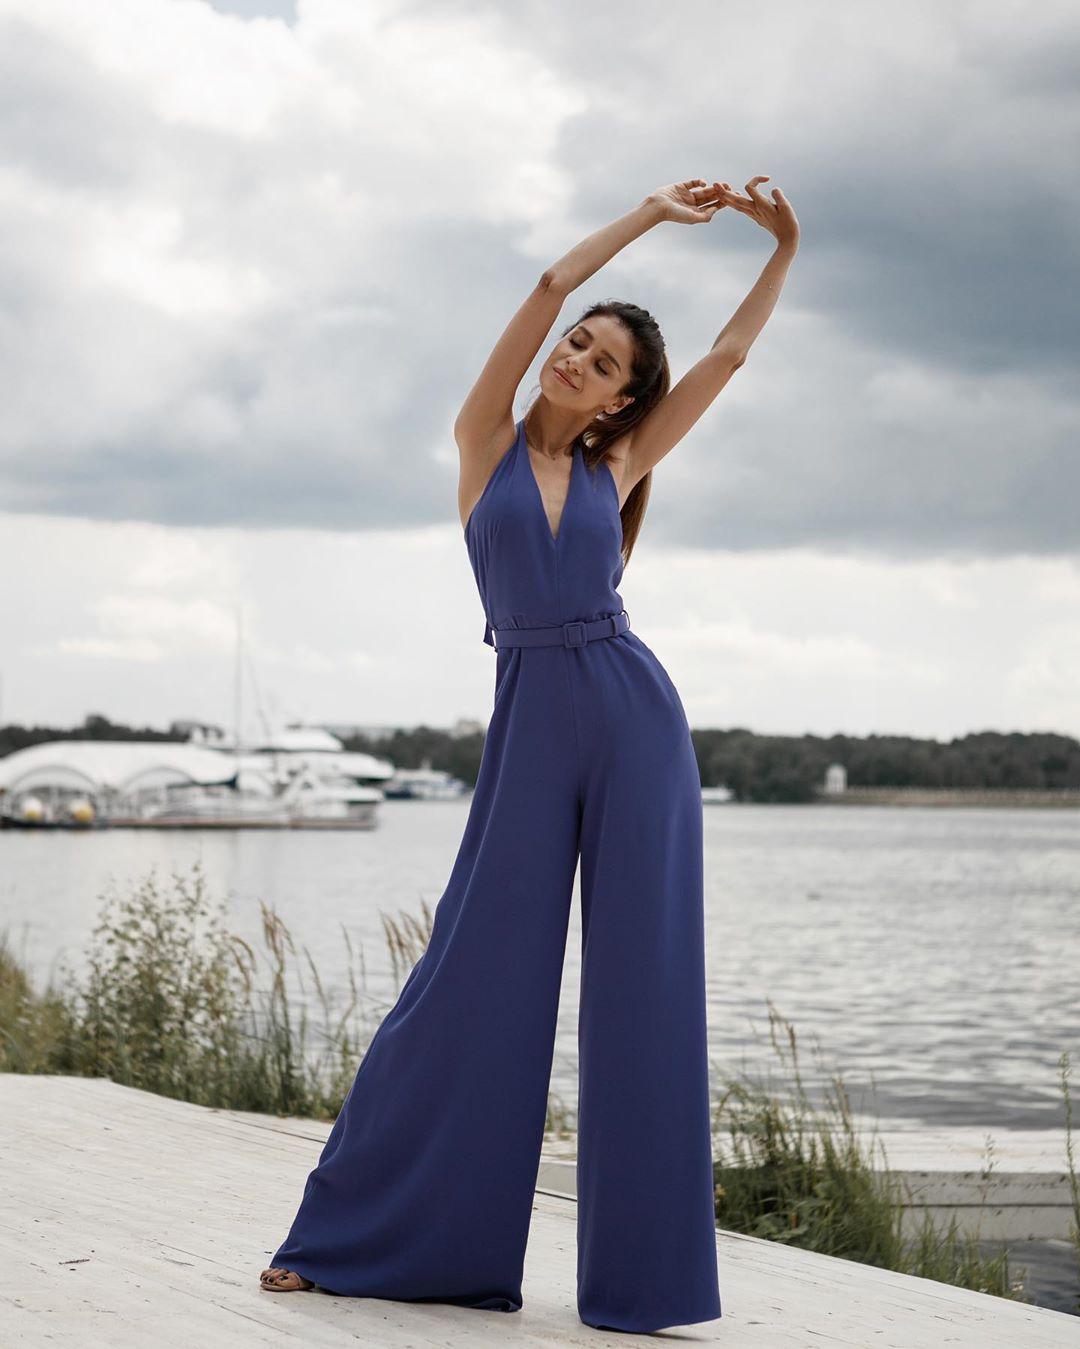 Мне нравится мое тело: Равшана Куркова рассказала, что помогает ей оставаться в отличной форме